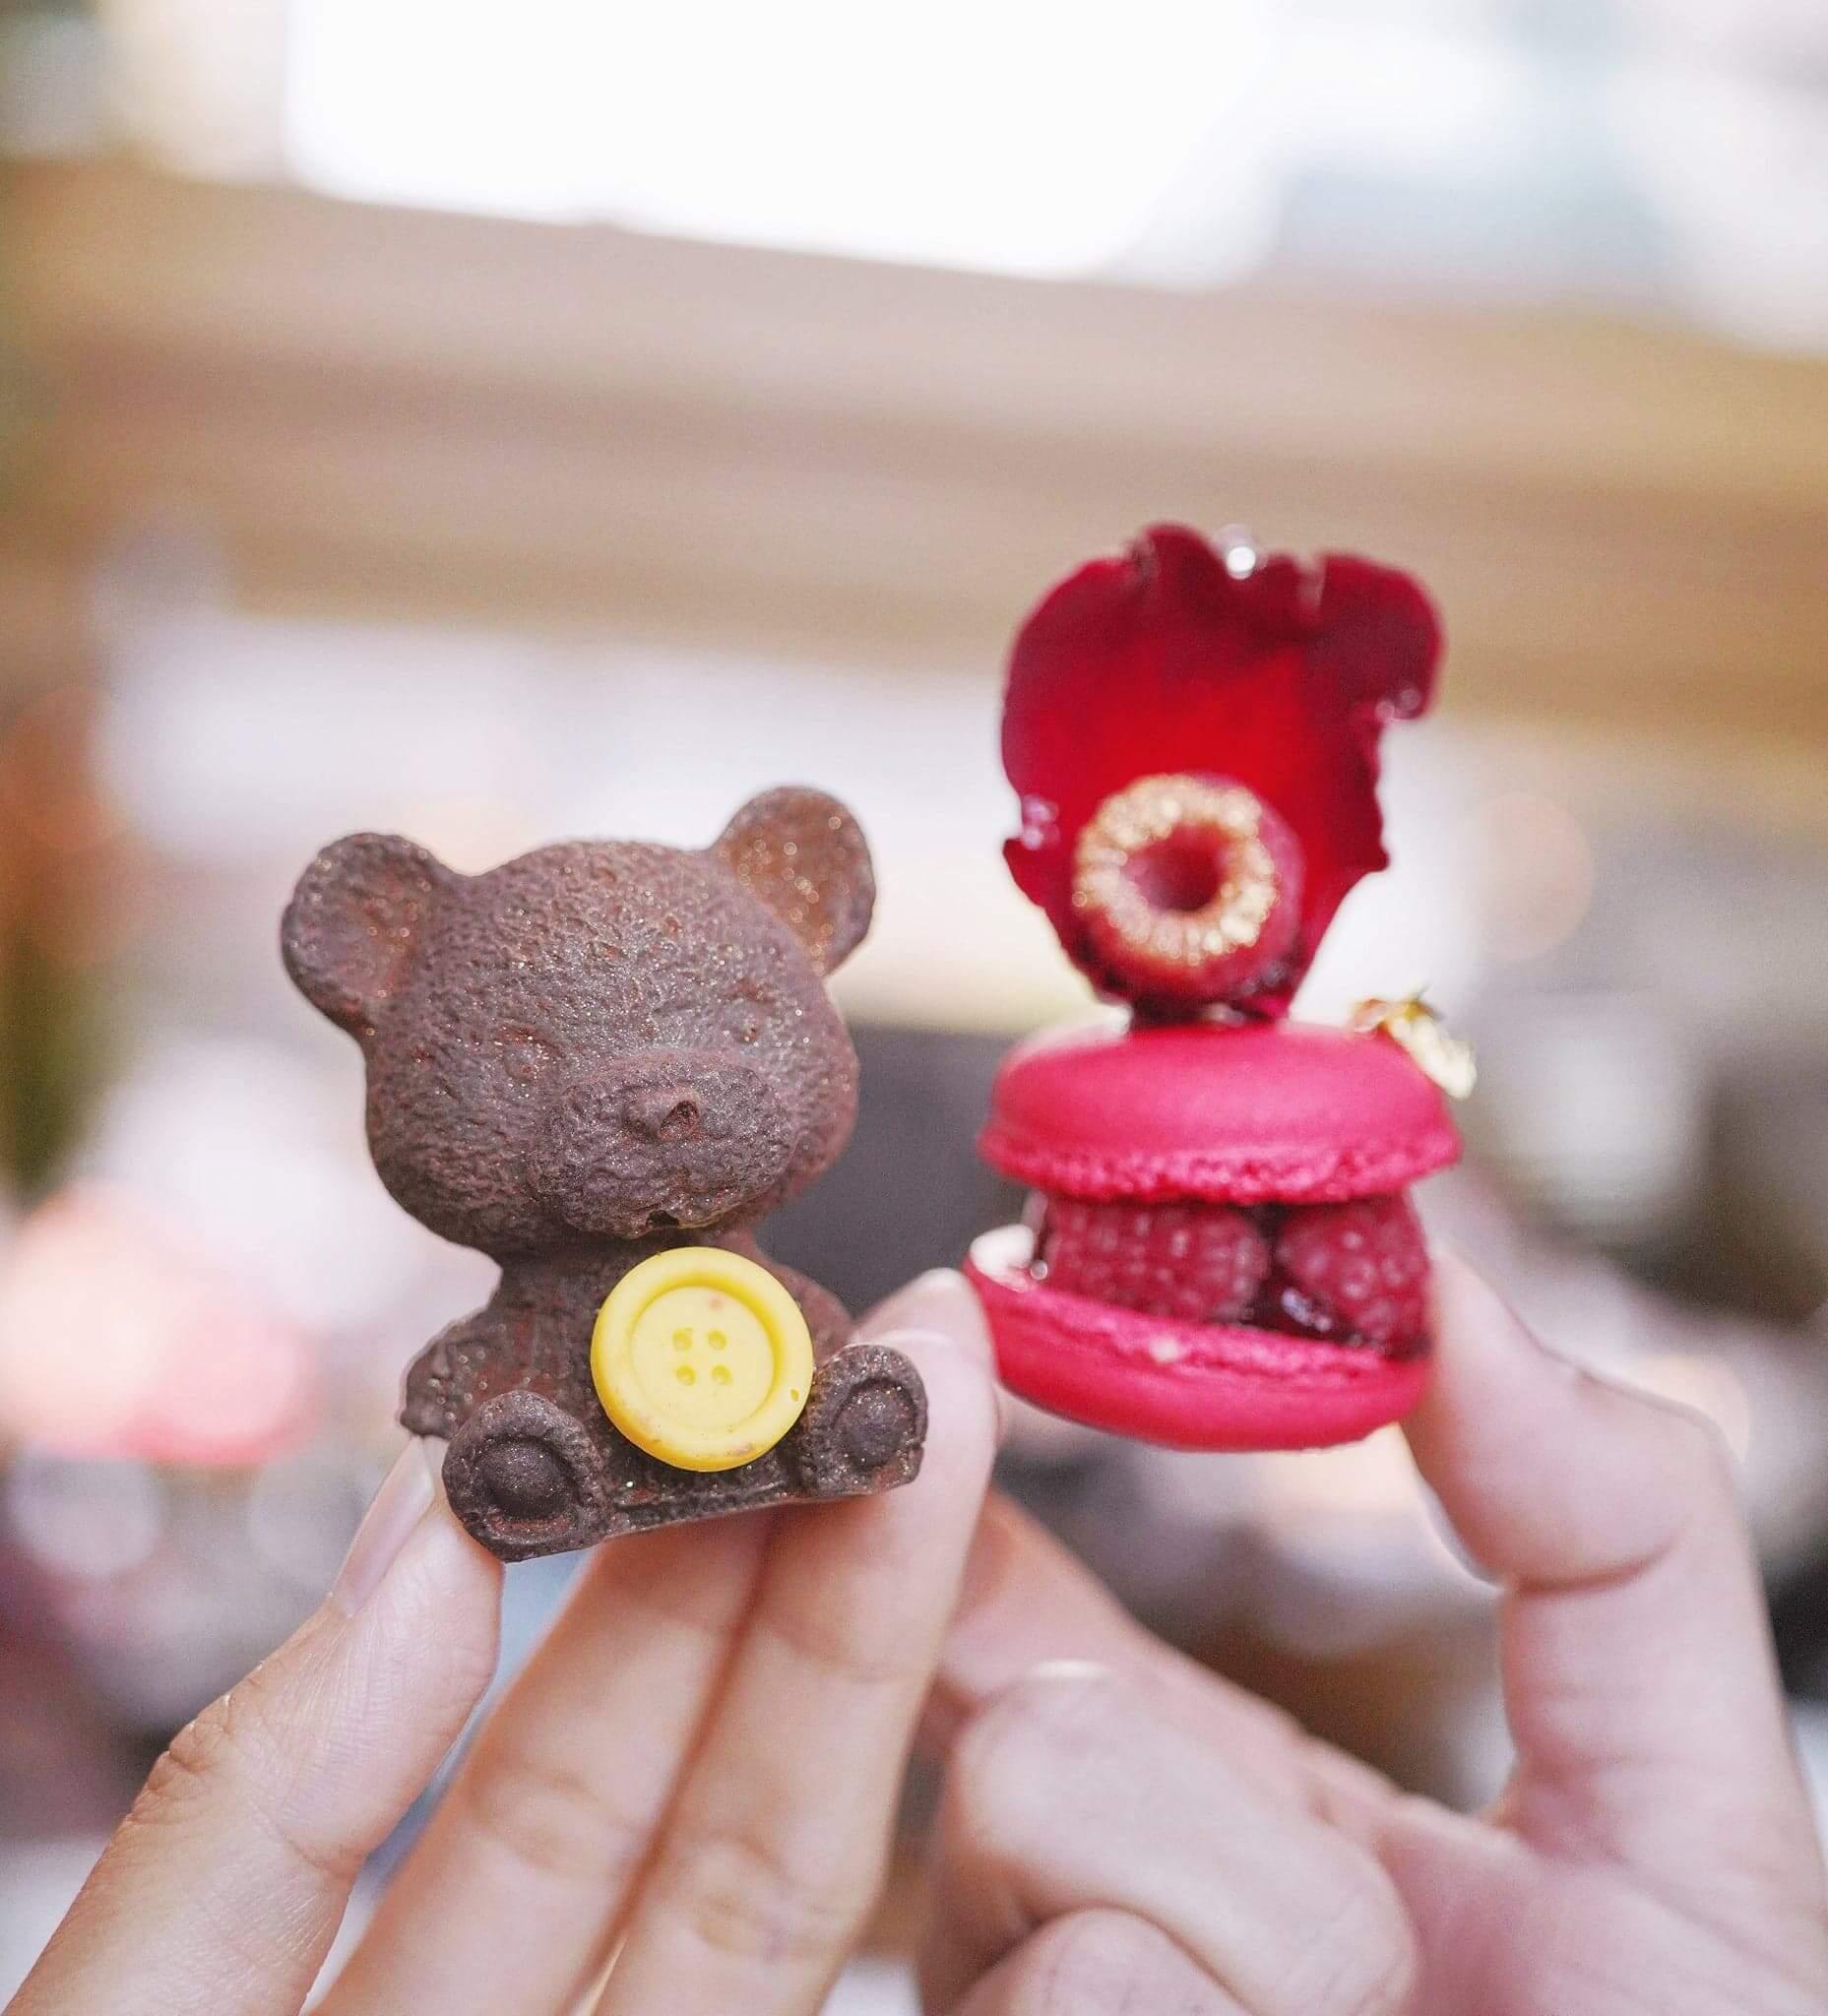 多款甜品中,聖誕ICON朱古力小熊及聖誕馬卡龍最為搶眼!。